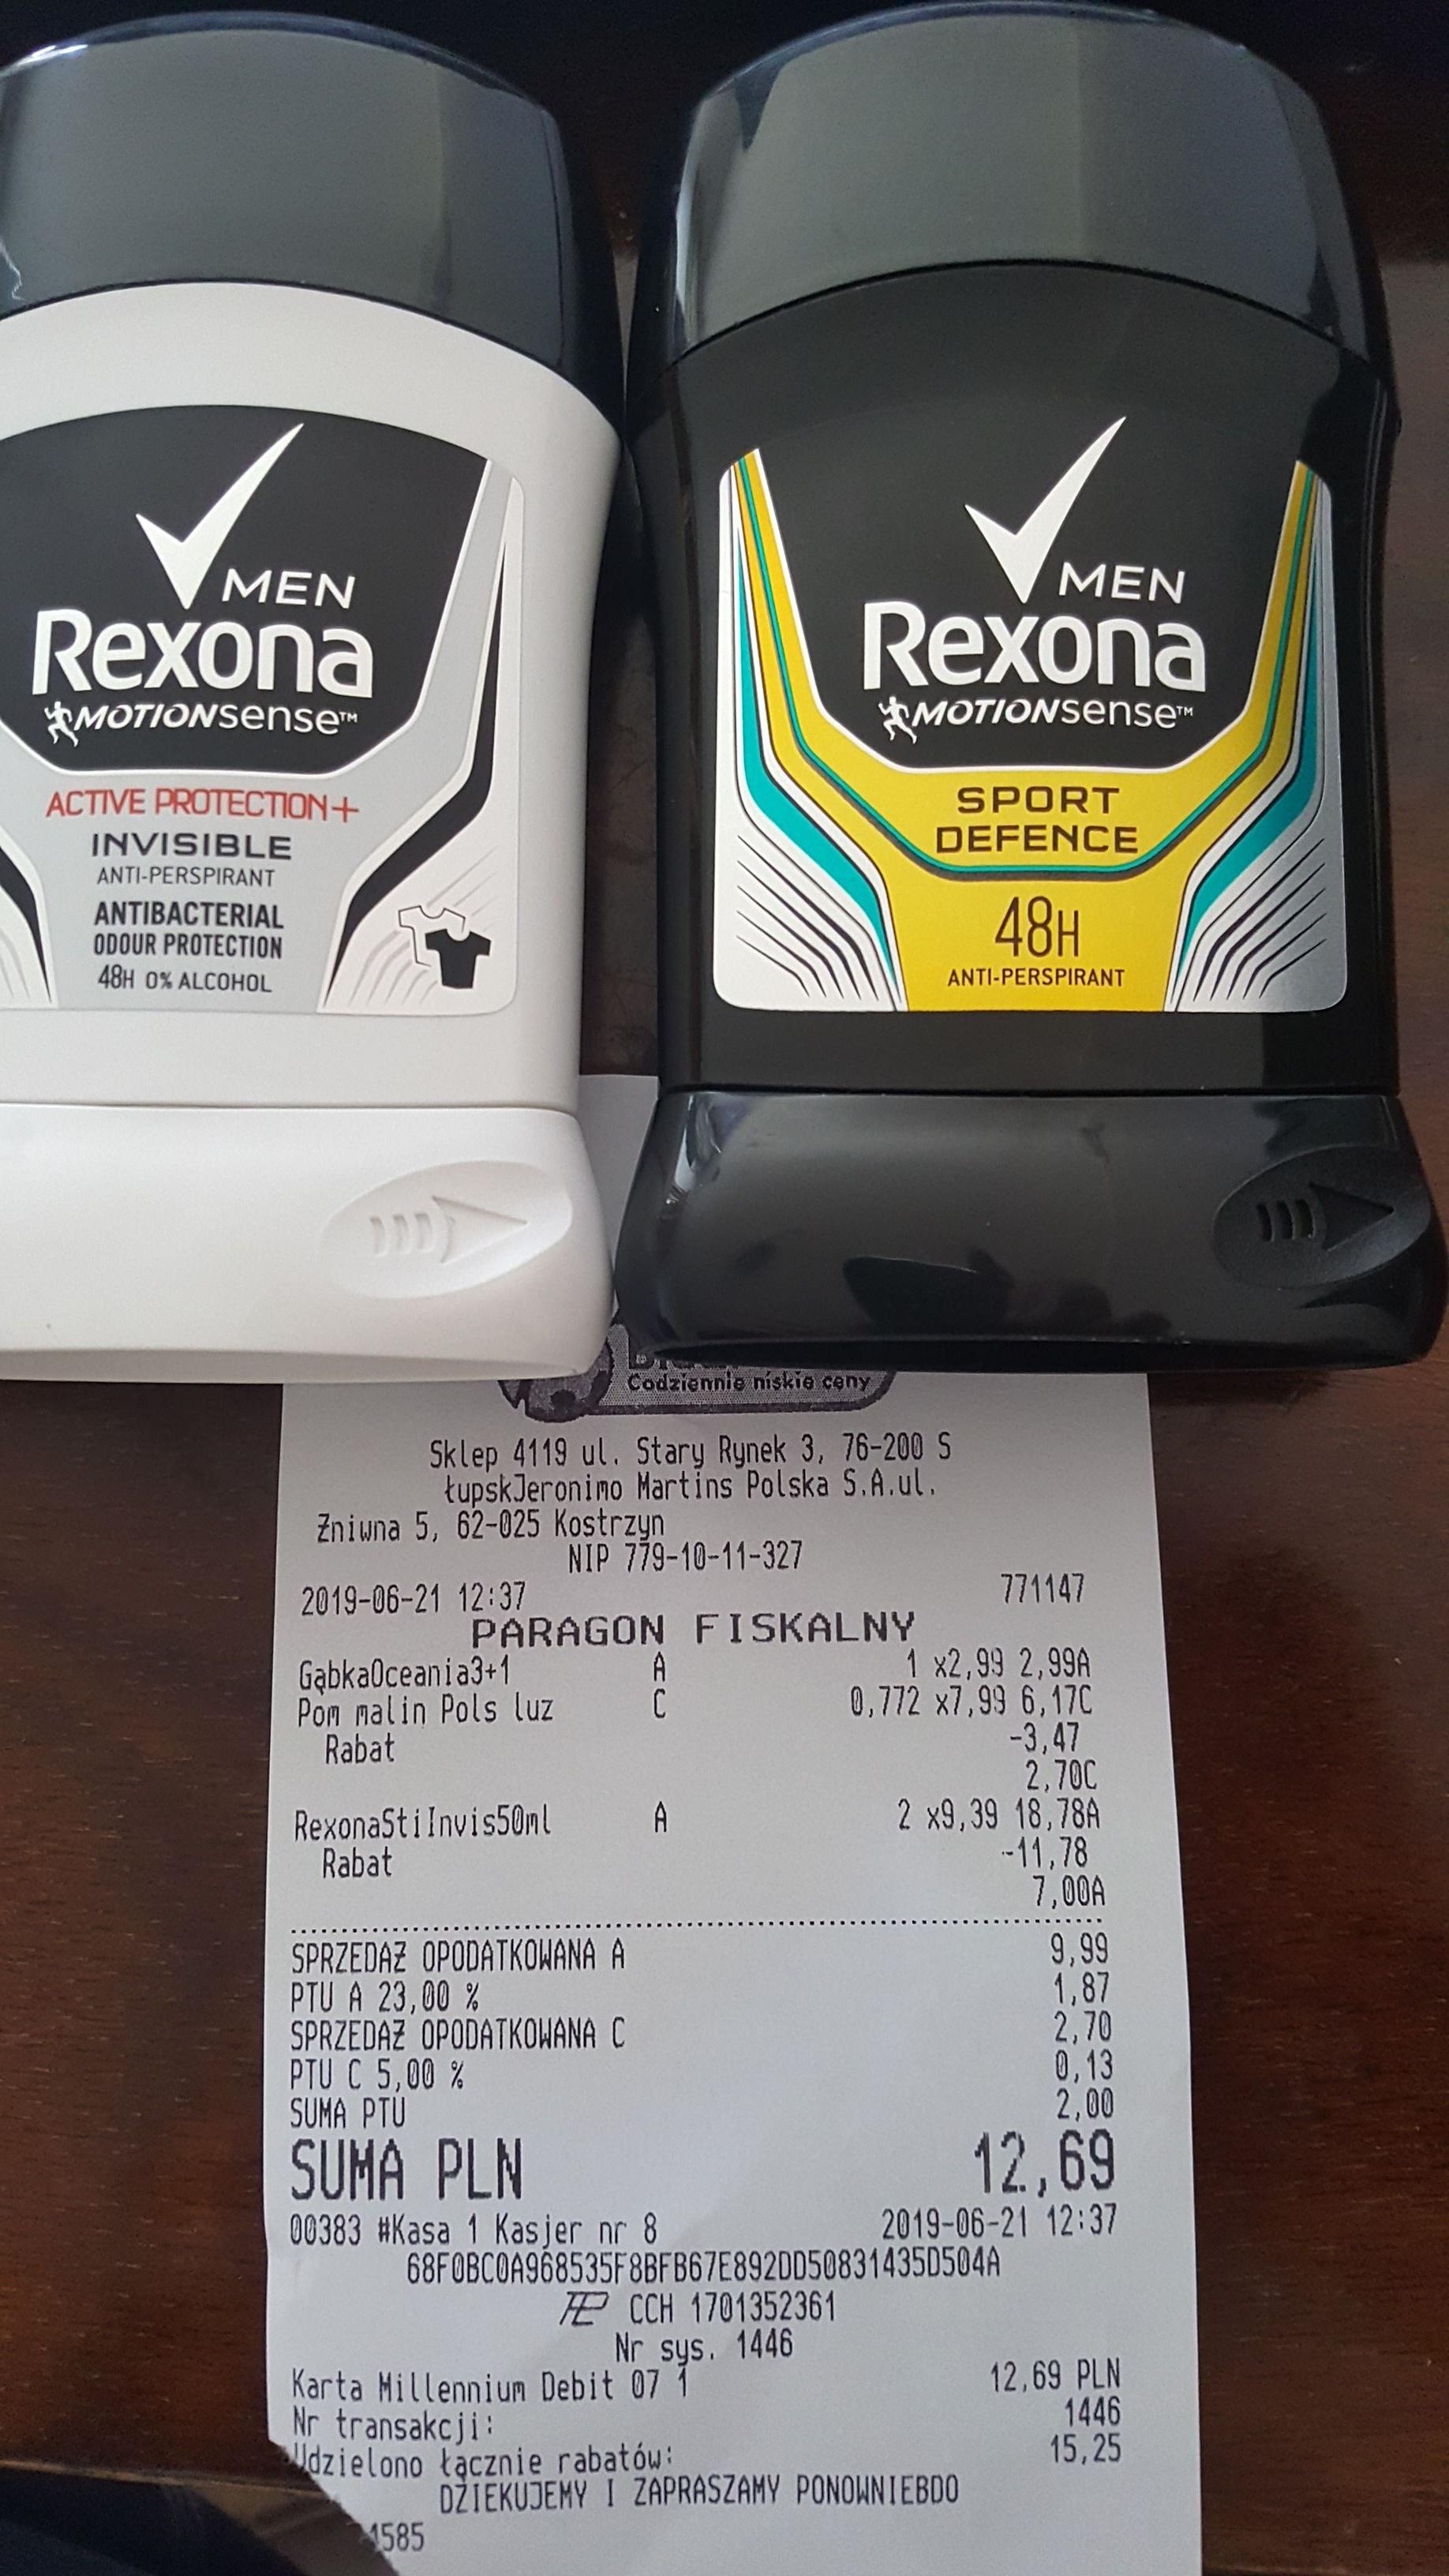 Antyperspirant w sztyfcie Rexona @ Biedronka błąd cenowy